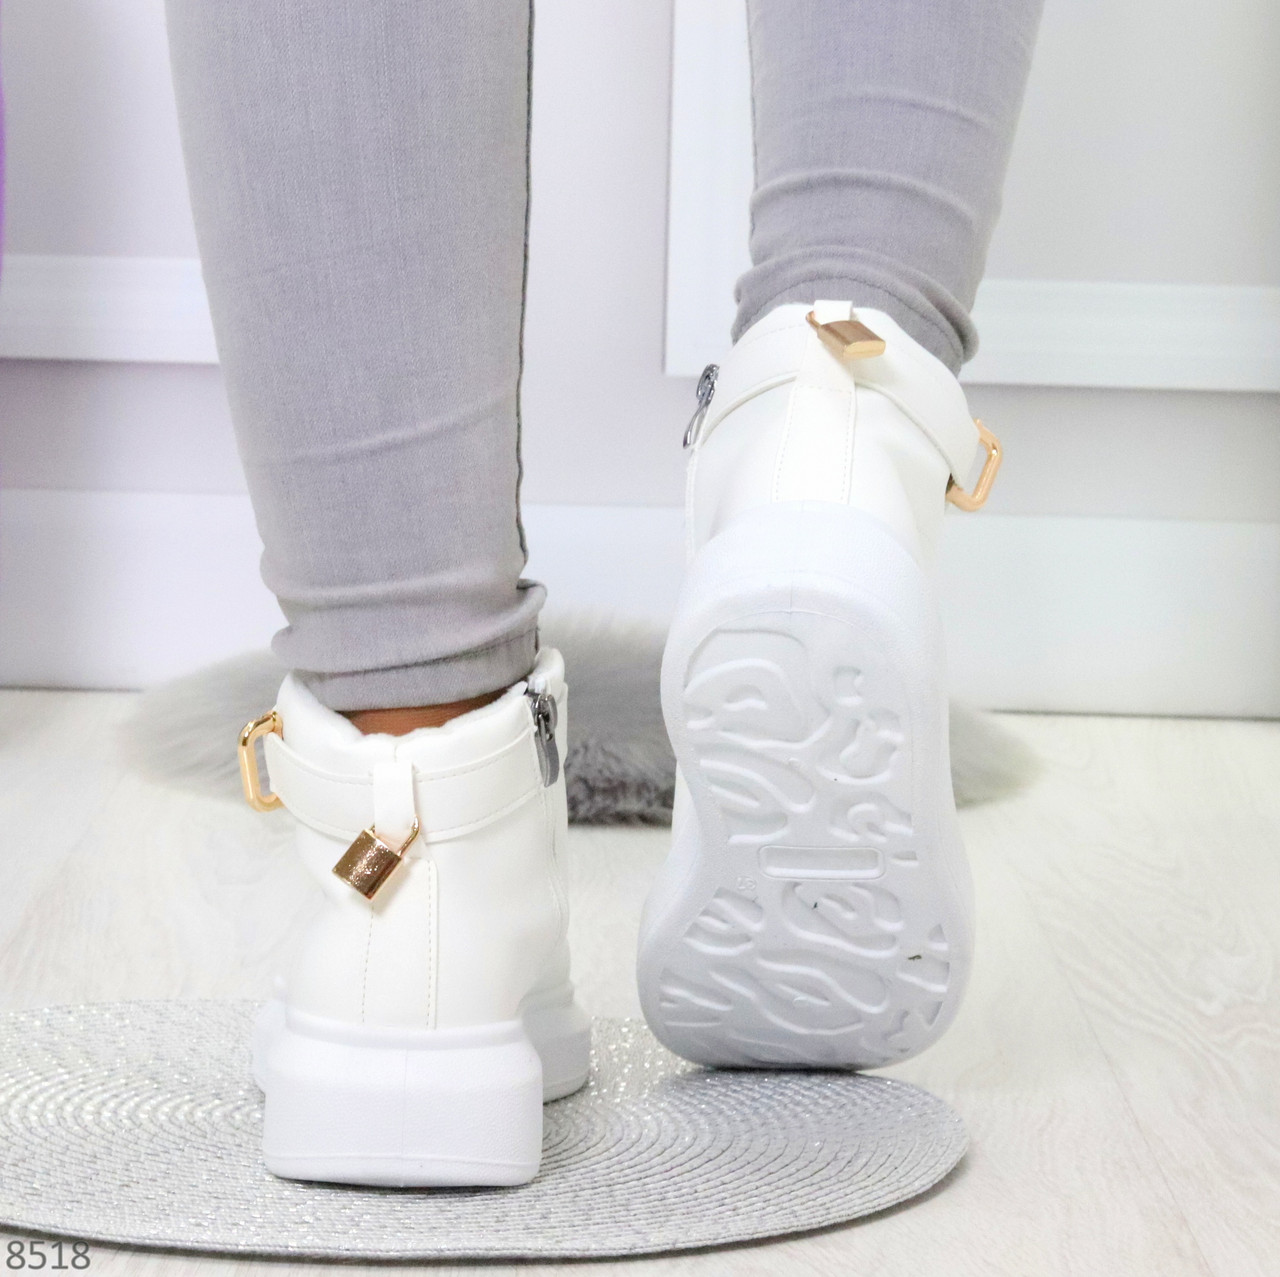 Белые женские кроссовки на флисе с ремешком на щиколотке и навесными замочками